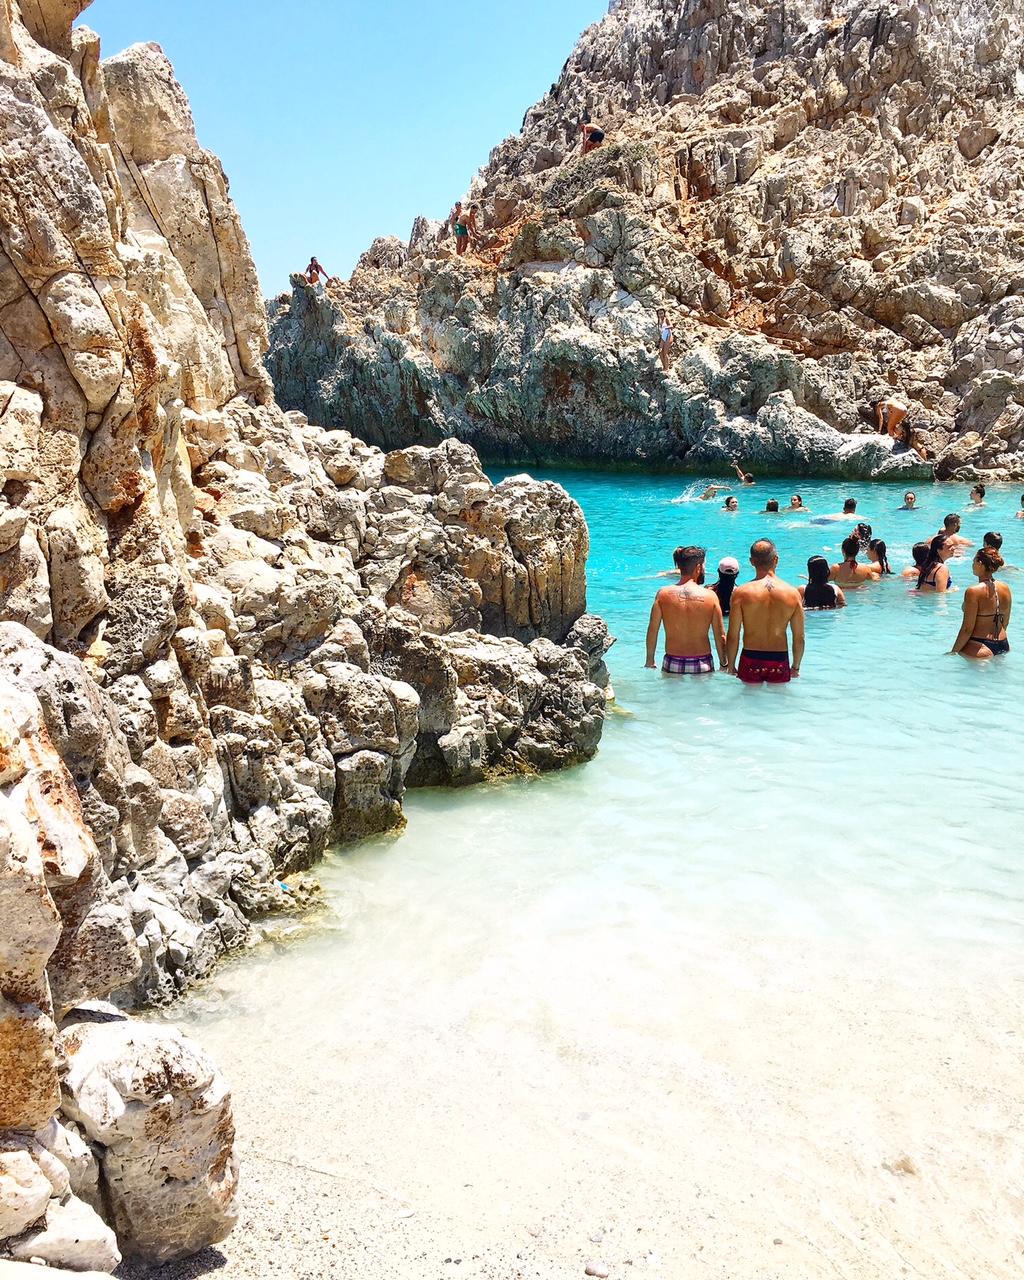 Seitan-Limania1_Crete CRETE- THE BEST OF THE CHANIA REGION